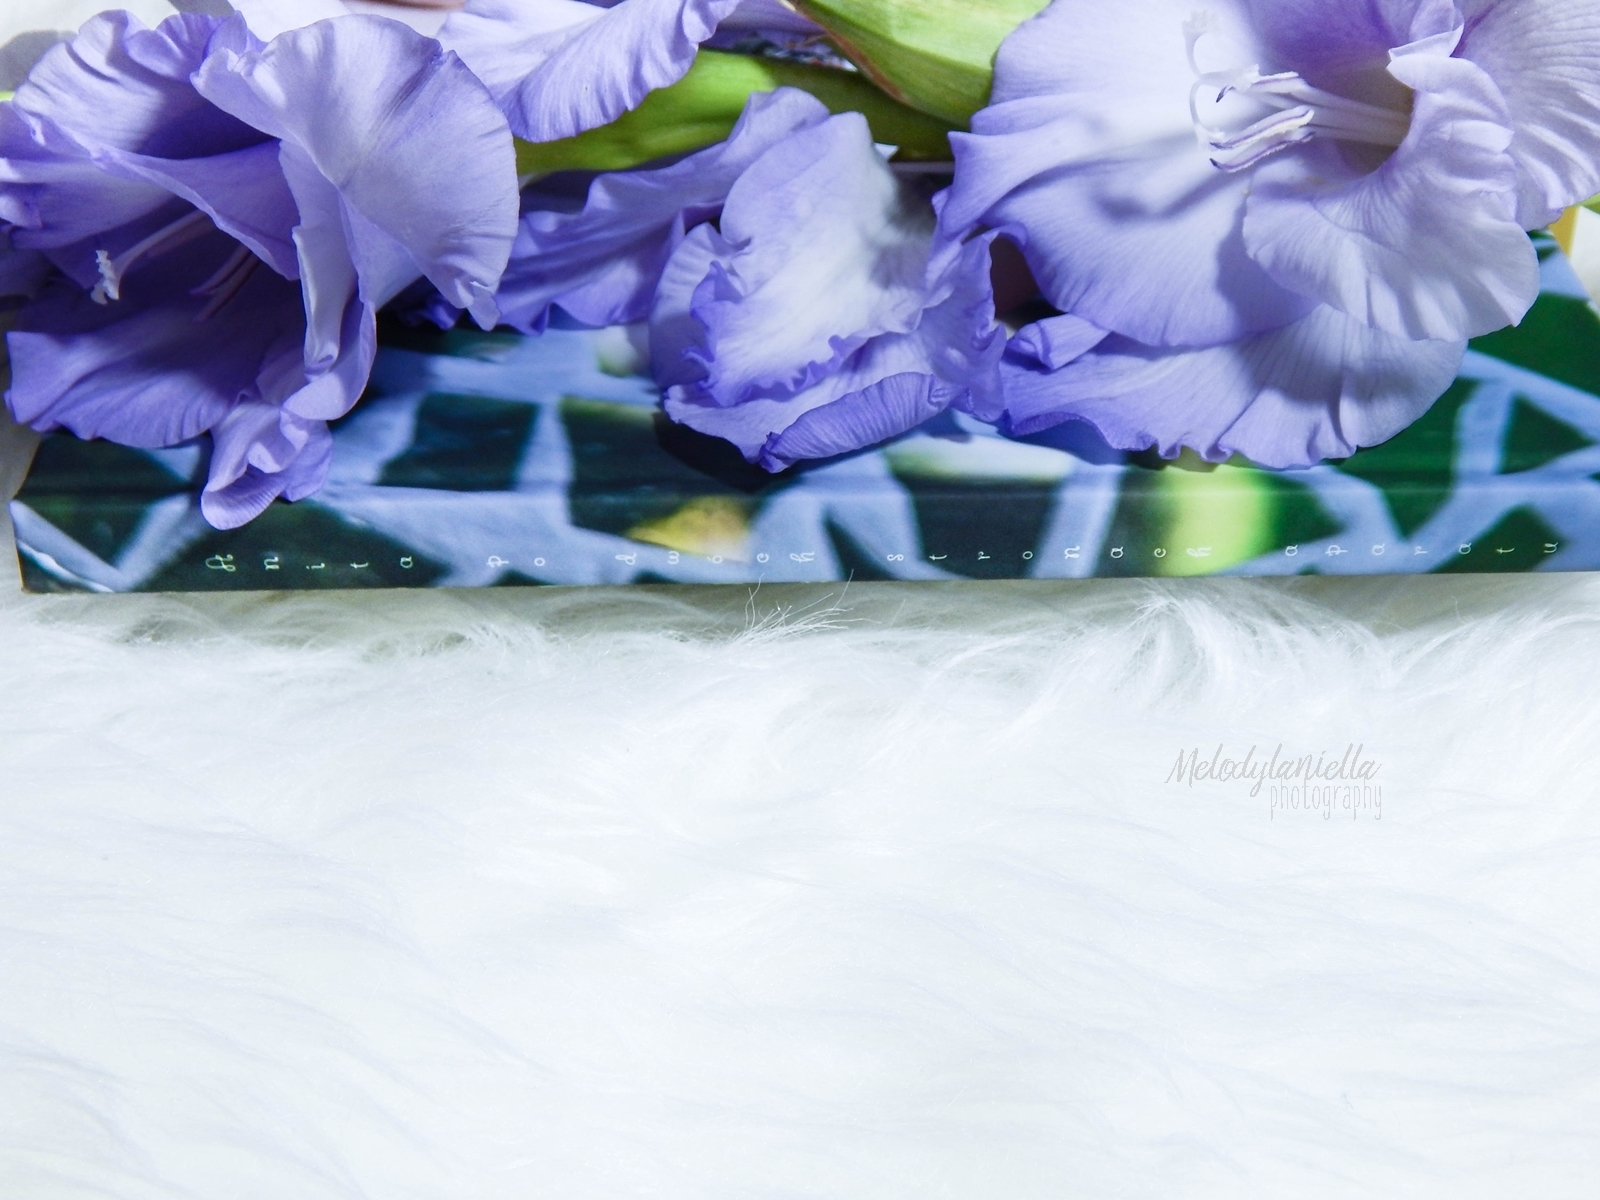 saal digital fotoksiązka recenzja melodylaniella blog pomysl na prezent fotografia fotograficzne prezenty .JPG pamiatkowe ksiazki foto